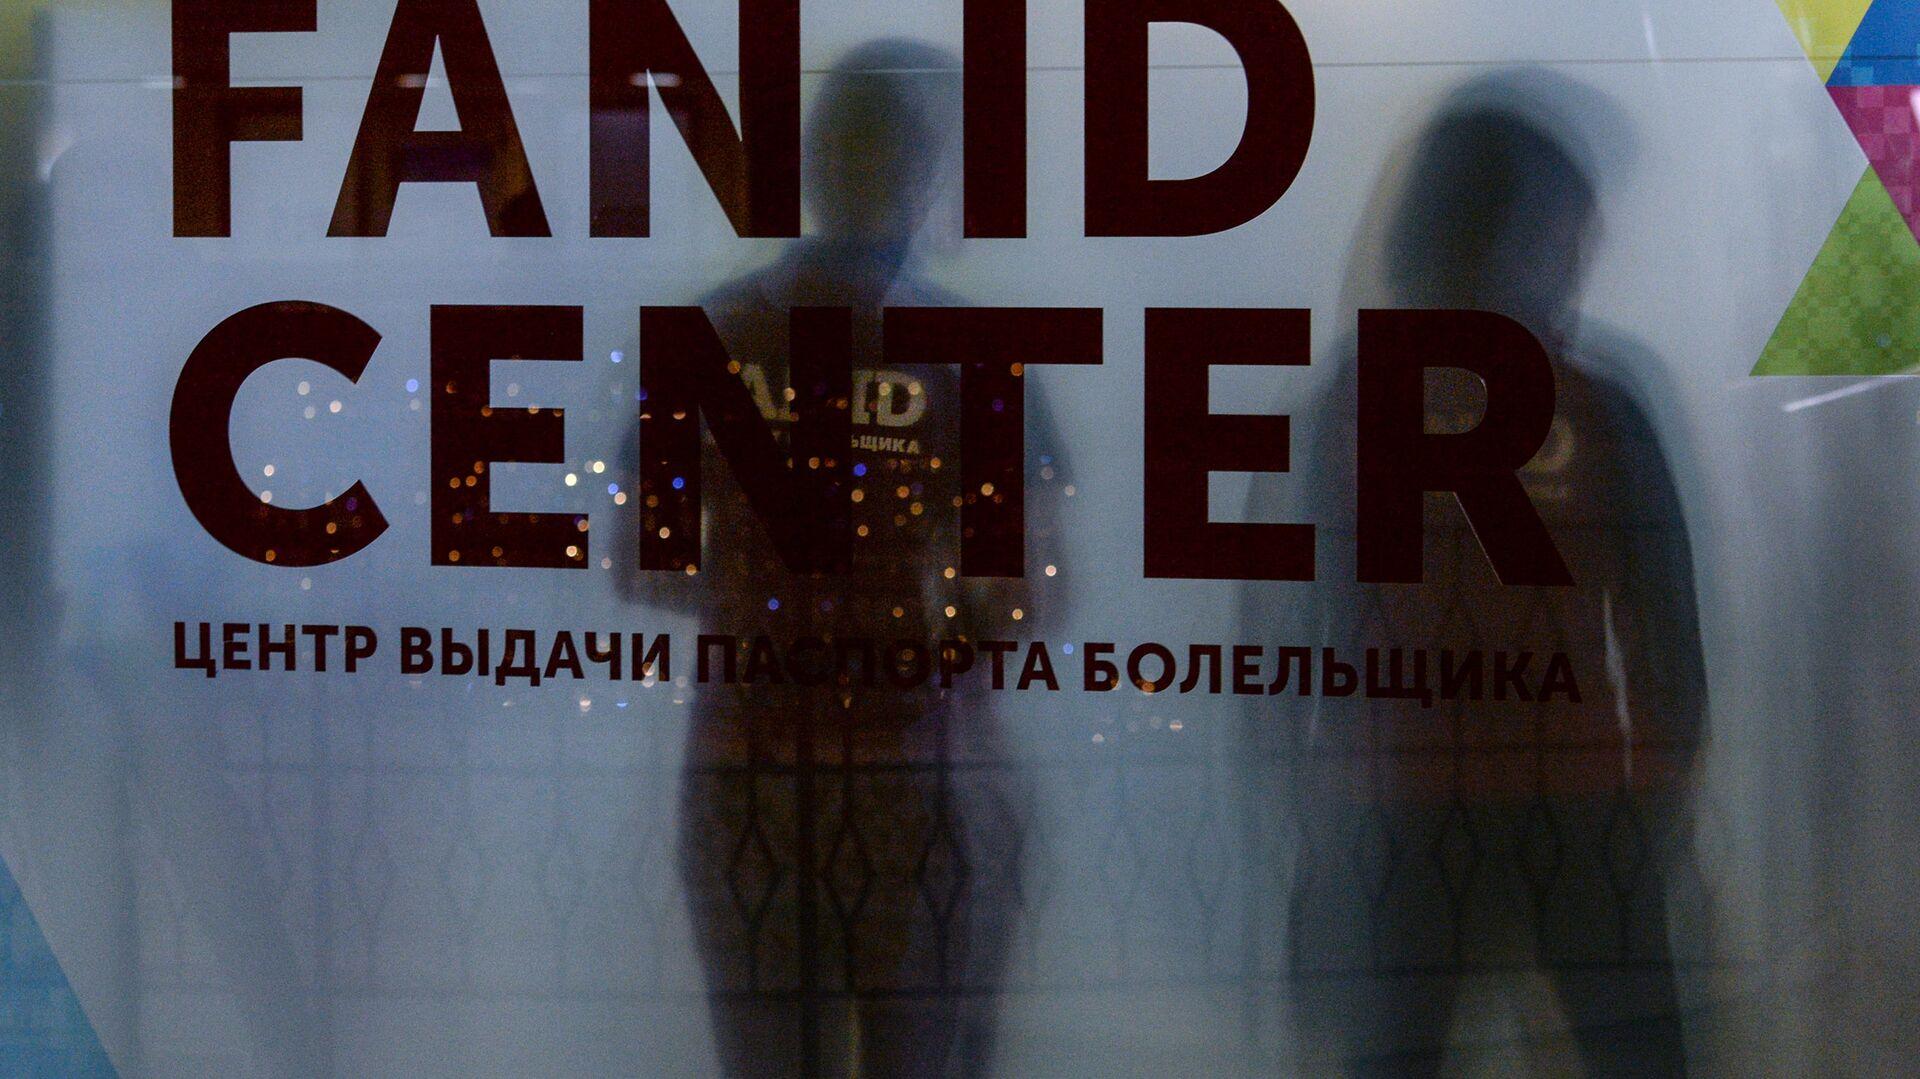 Центр выдачи паспортов болельщиков ЧМ-2018 - РИА Новости, 1920, 07.04.2021